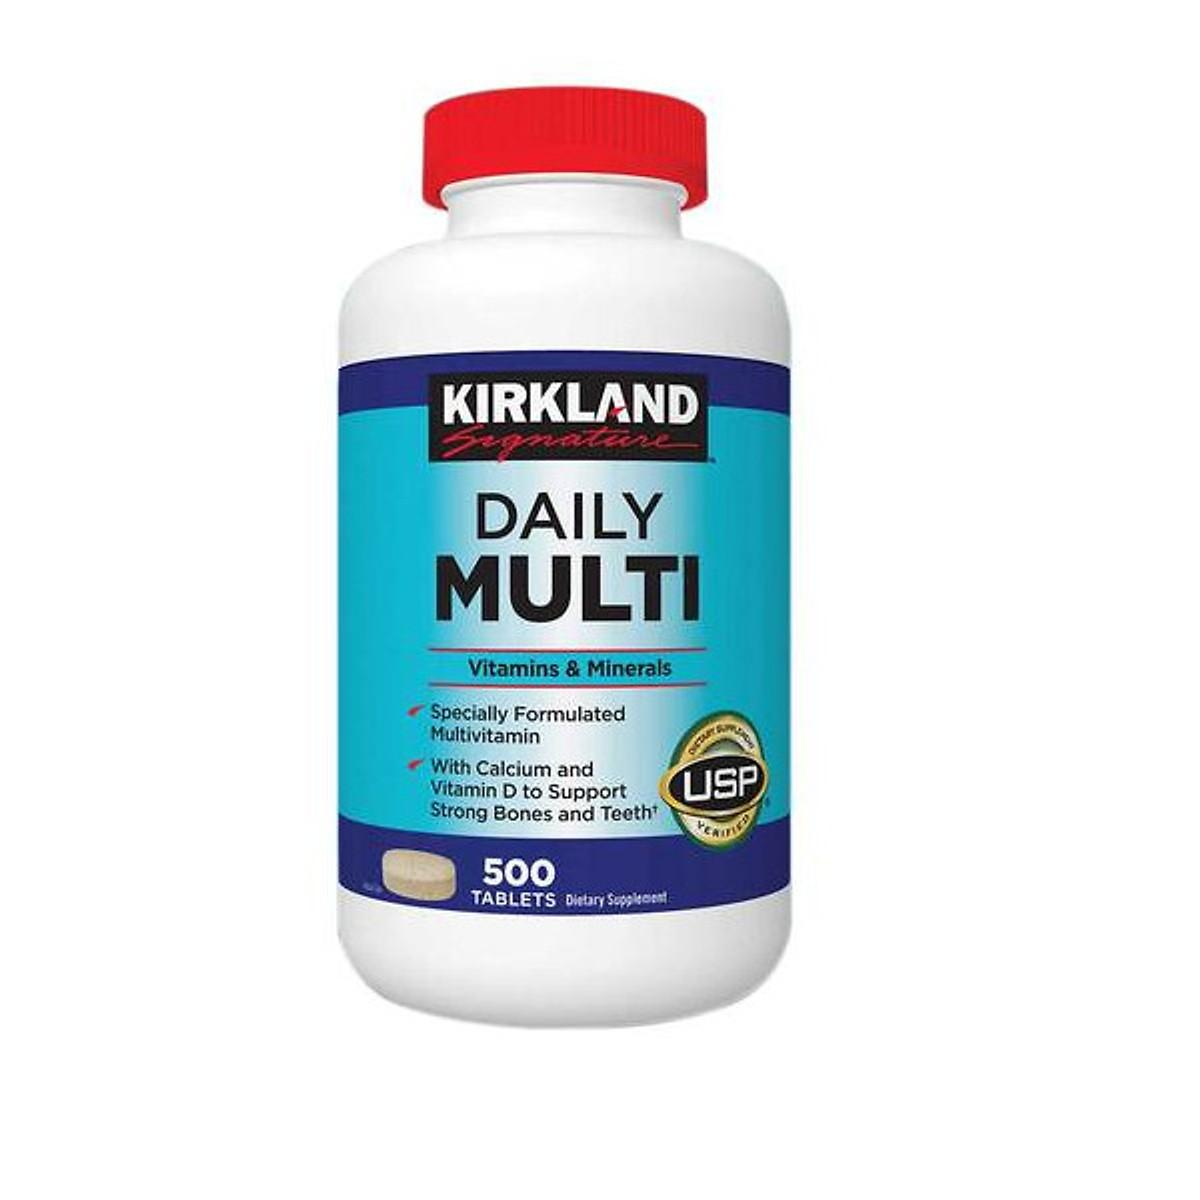 Thưc phẩm bổ sung Vitamins Tổng hợp Kirkland Daily Multi Vitamins (500 Viên) - Nhập khẩu Mỹ